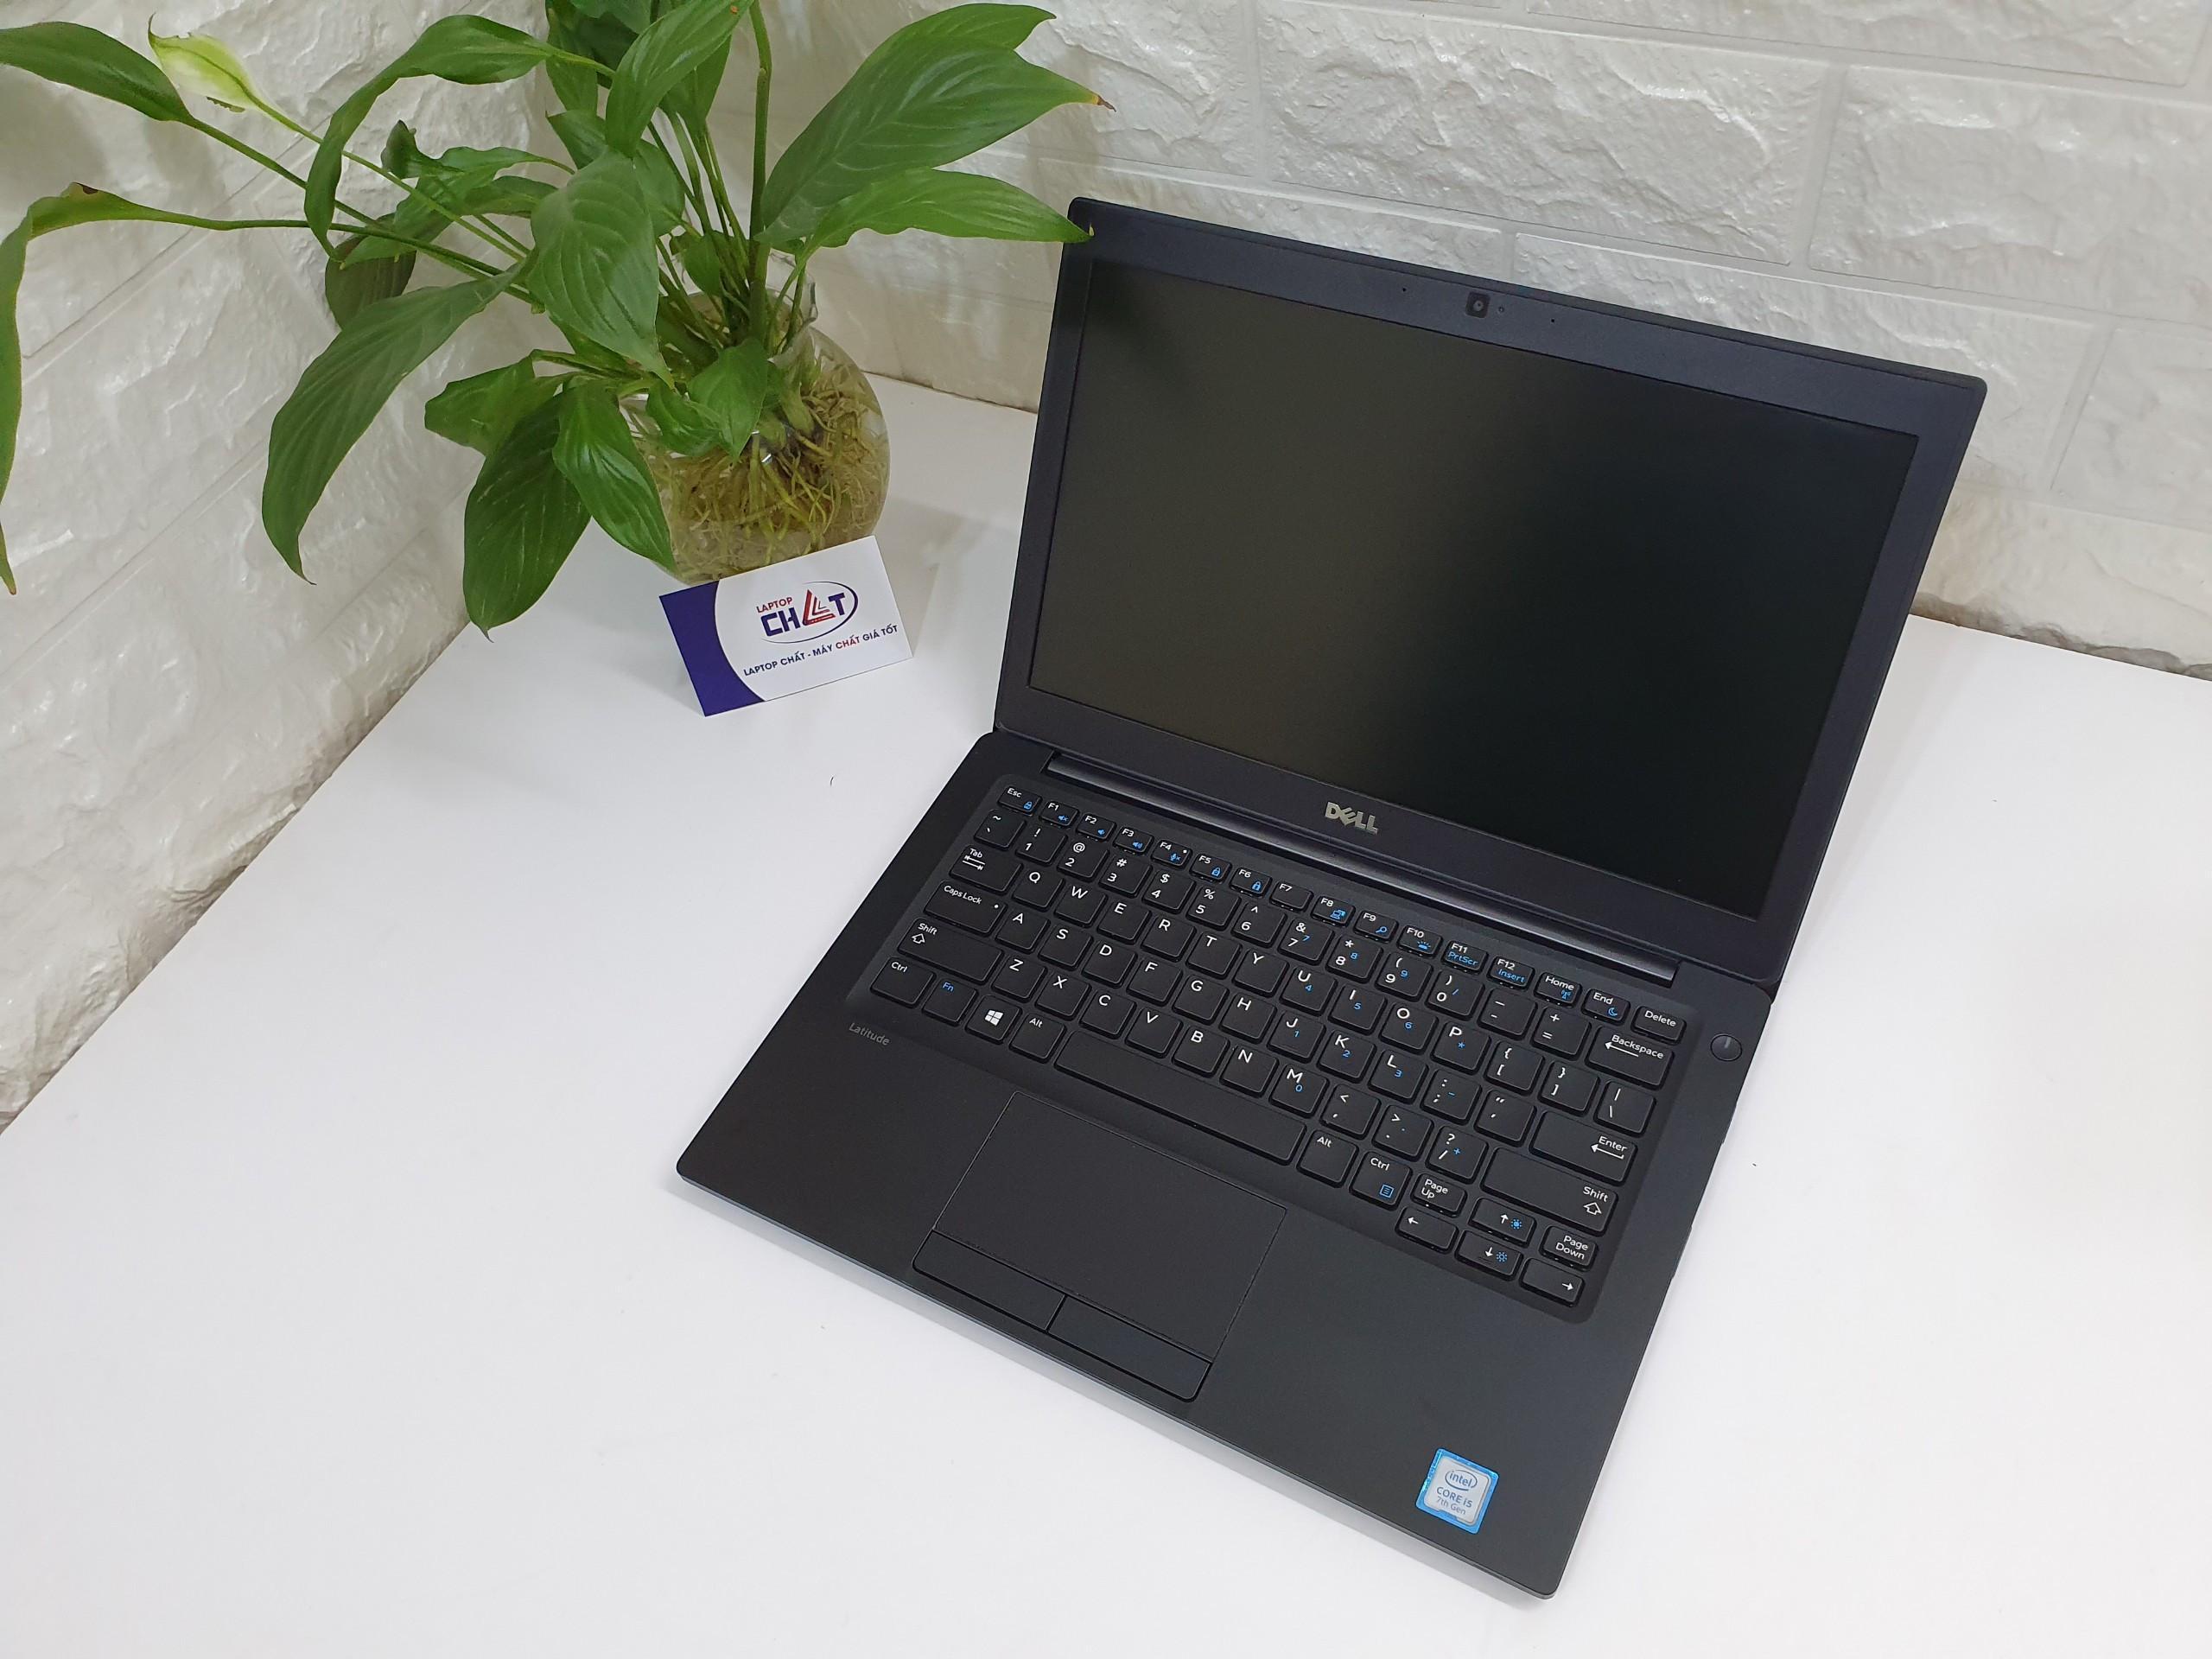 Dell-latitude-E7280-1